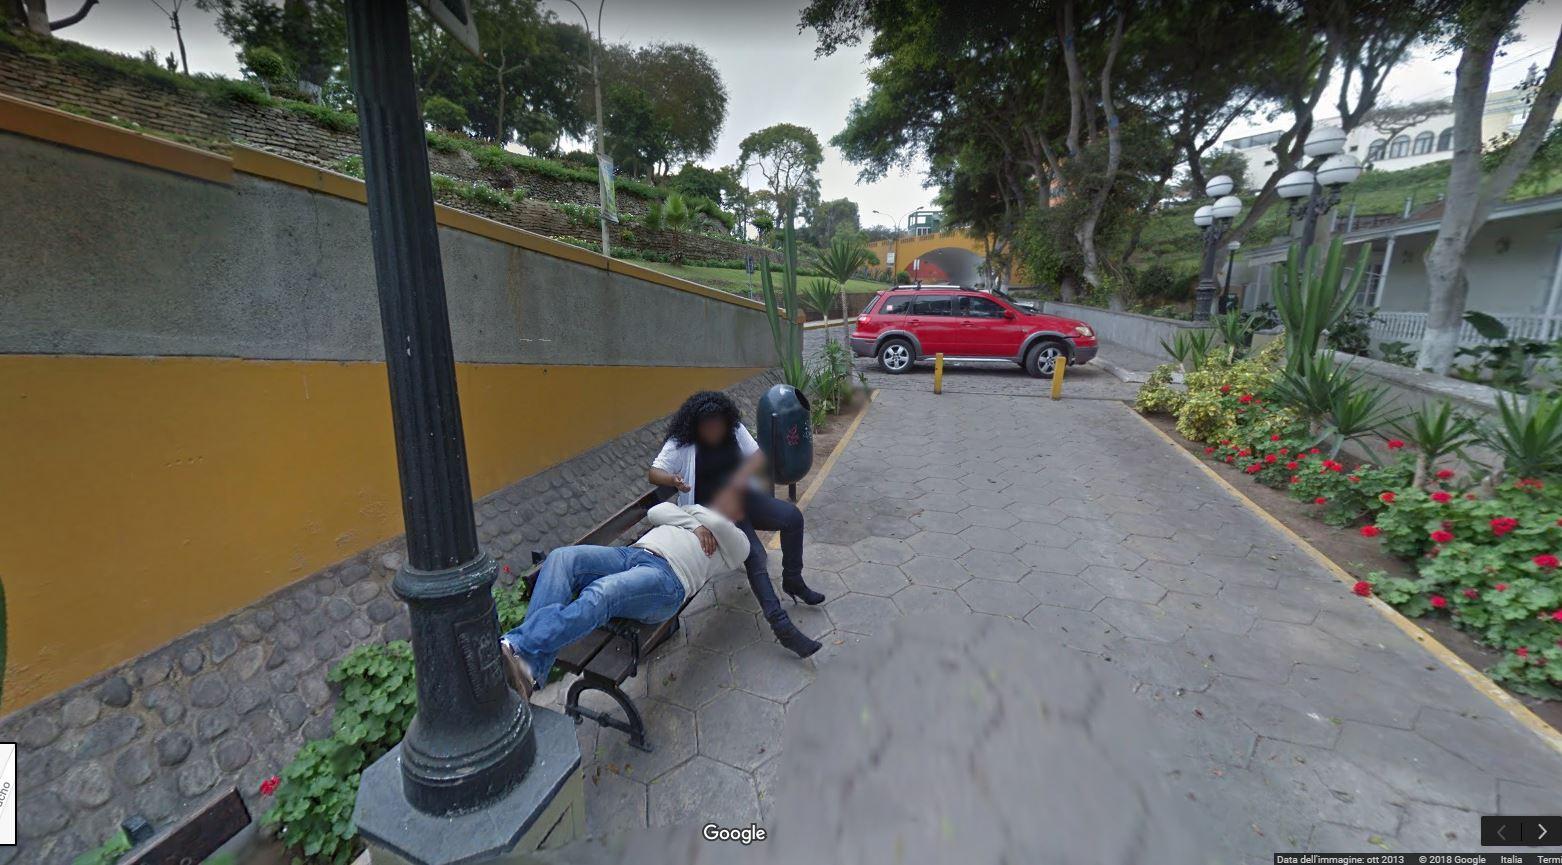 Che guaio: il marito scopre la moglie con l'amante su Google Maps!